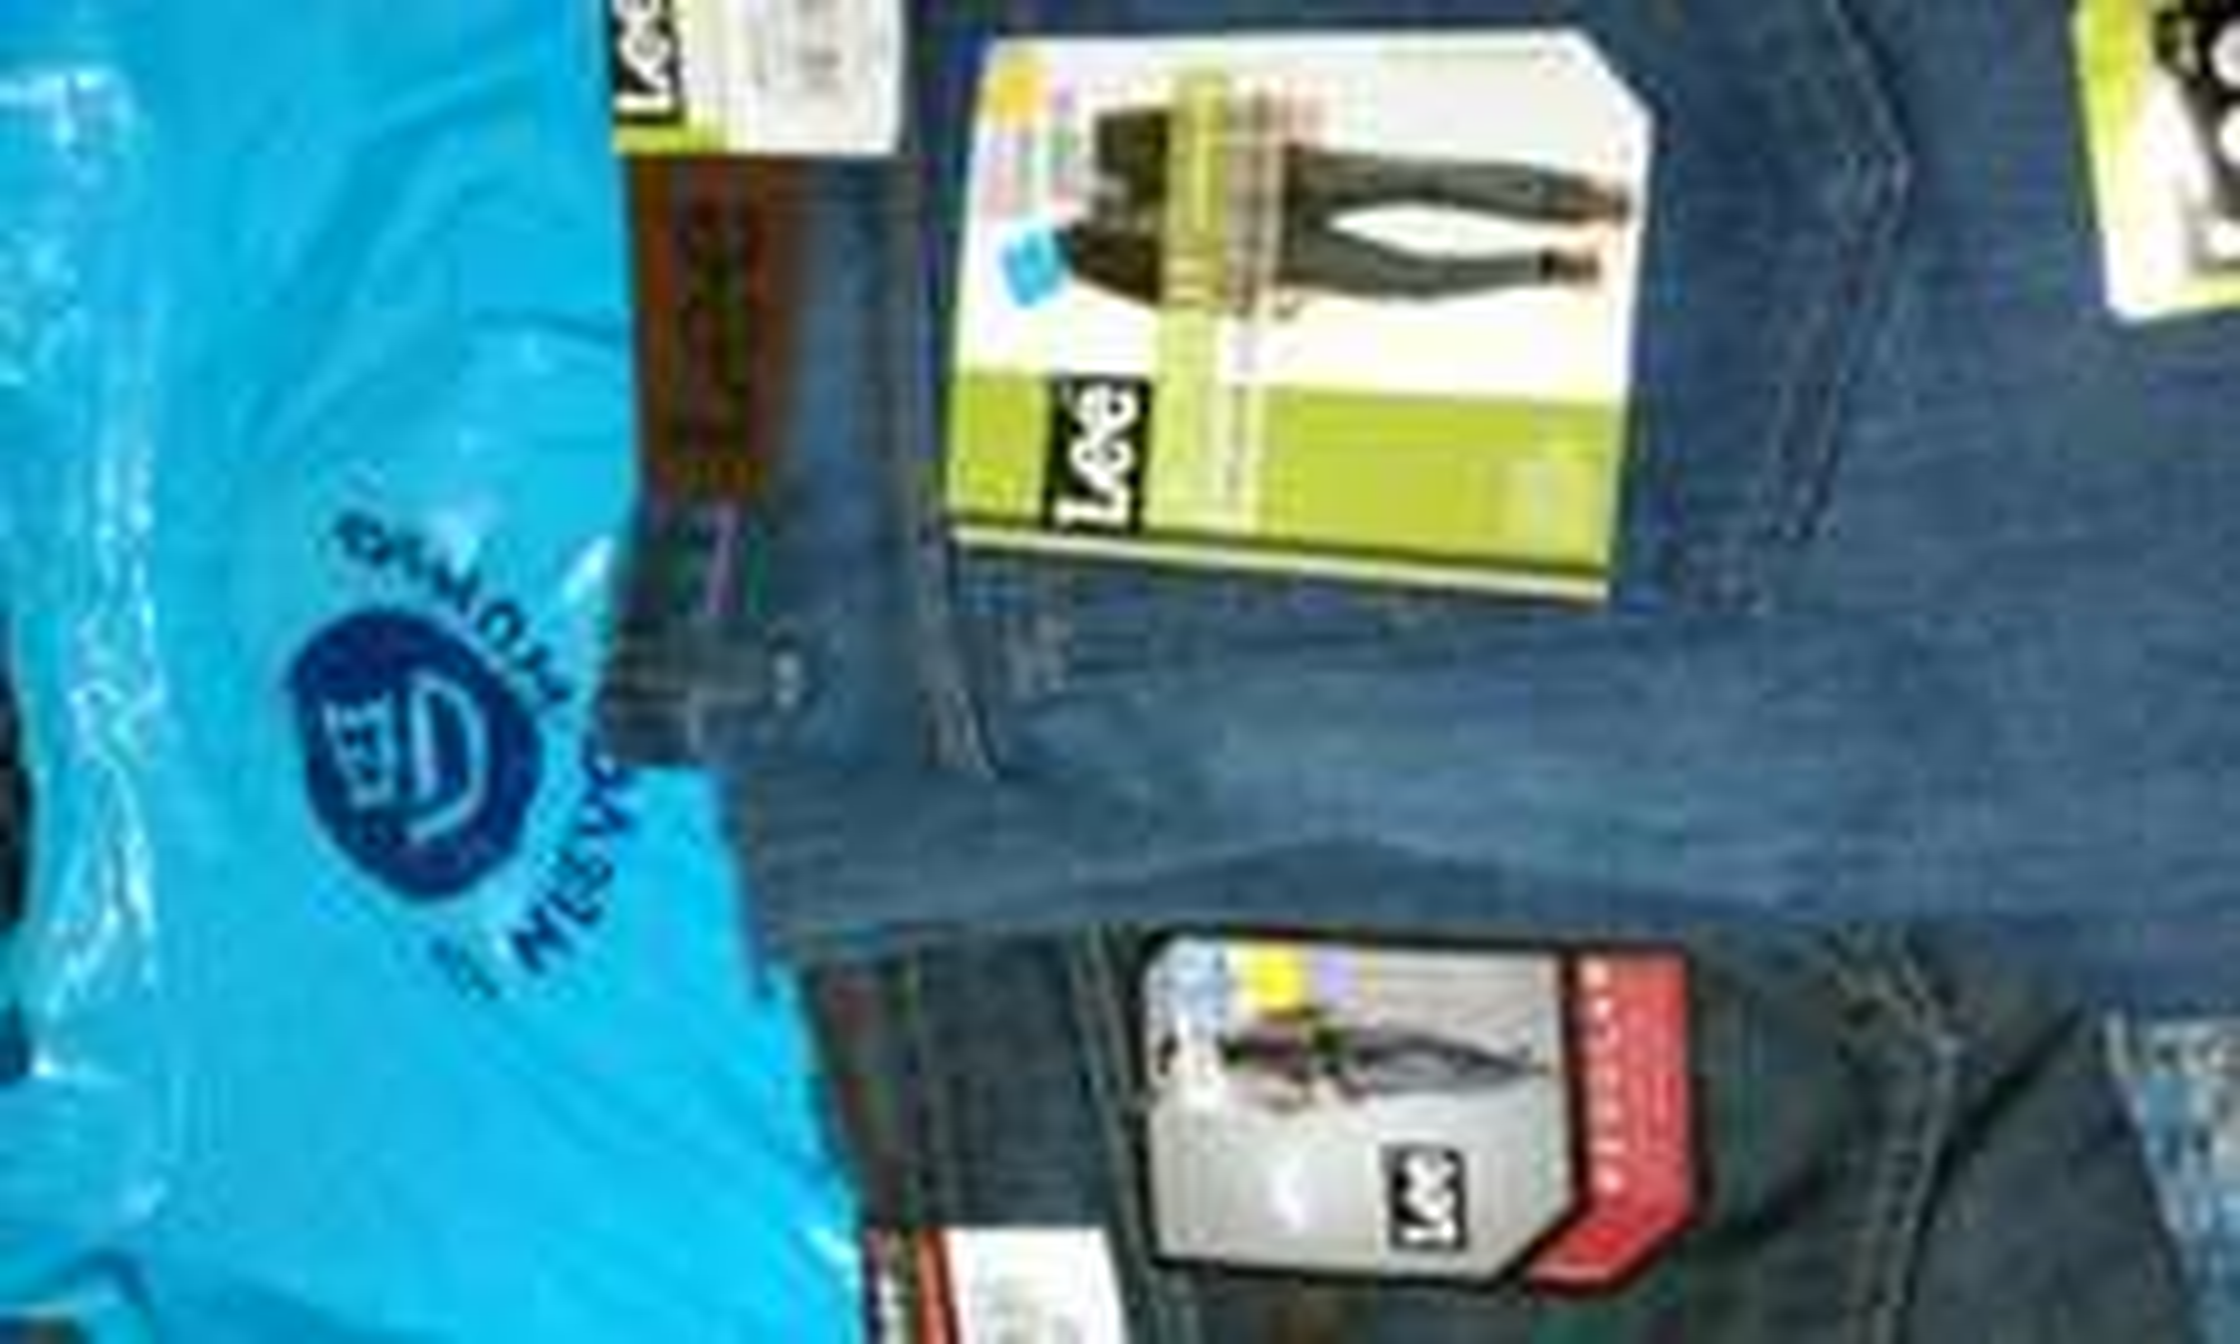 El Nuevo Mundo: Jeans con el 30%, 40%, y 50% de descuento